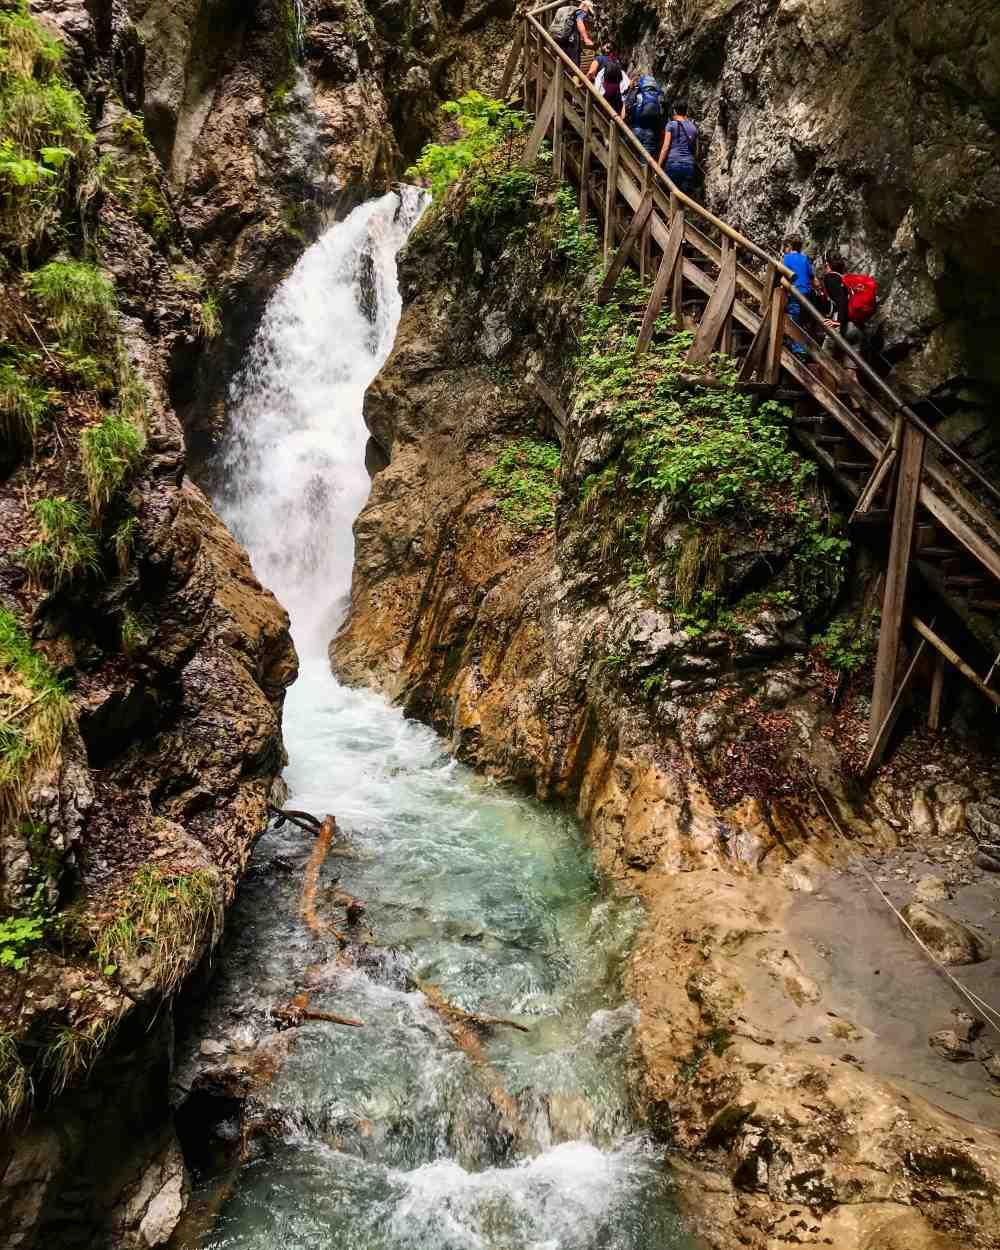 Sehr beeindruckend zum Wandern: Wasserfälle Tirol in den Klammen und Schluchten